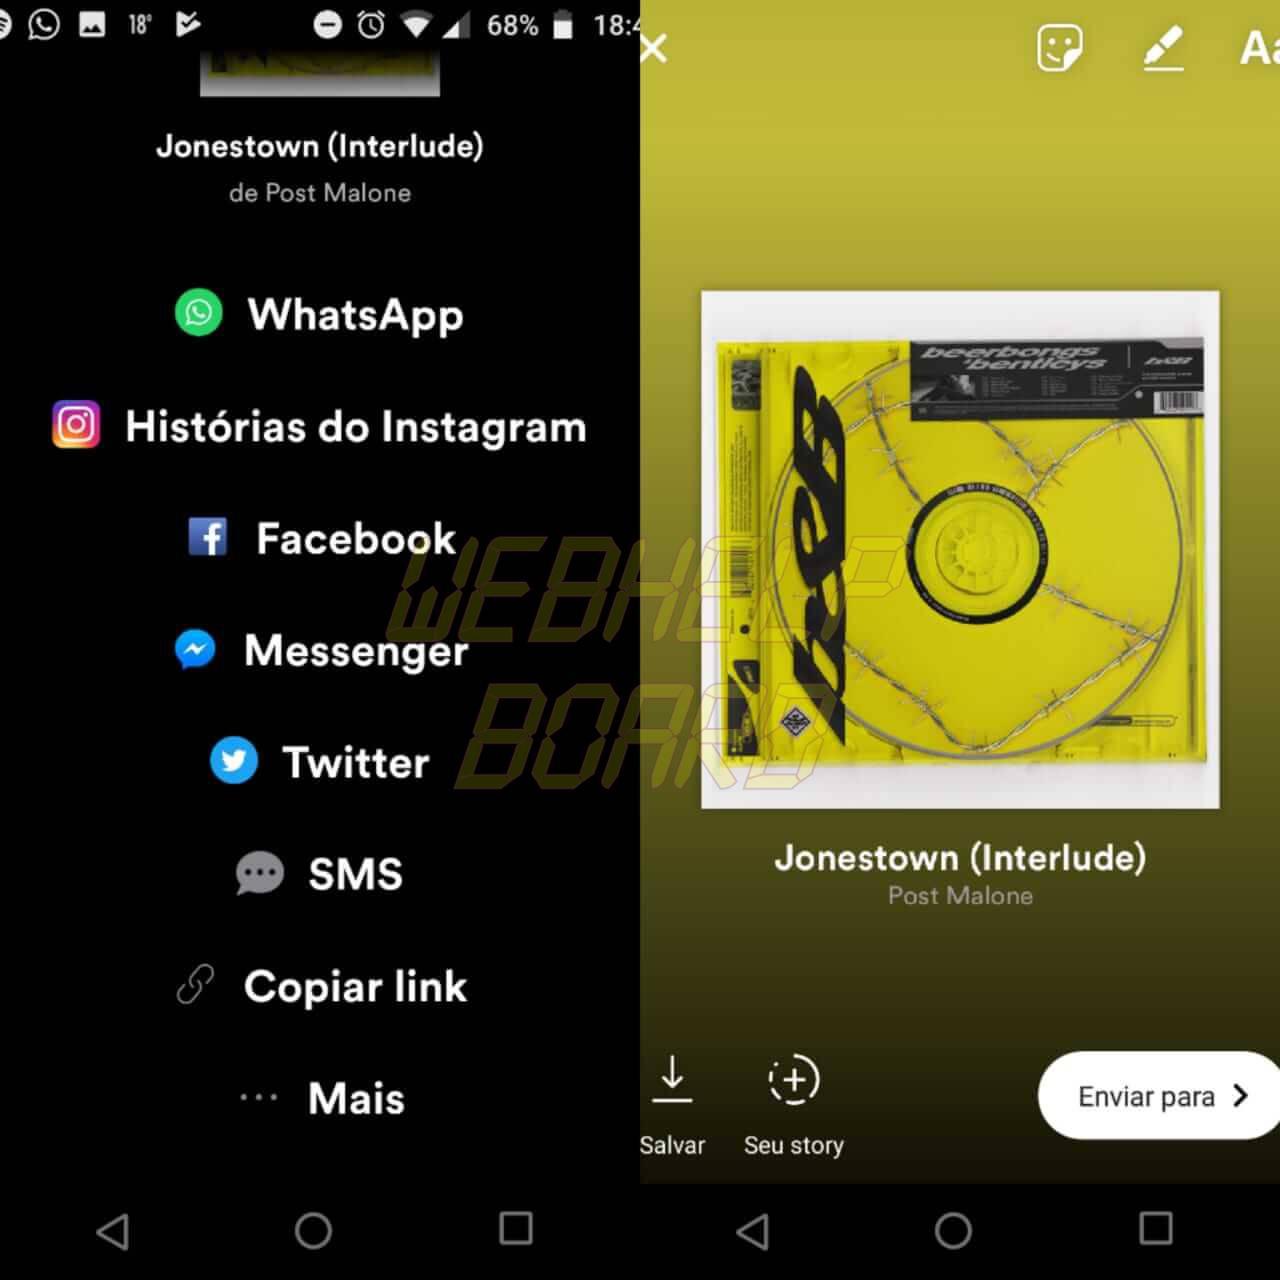 WhatsApp Image 2018 05 21 at 19.01.12 1 - Como compartilhar músicas do Spotify no Instagram